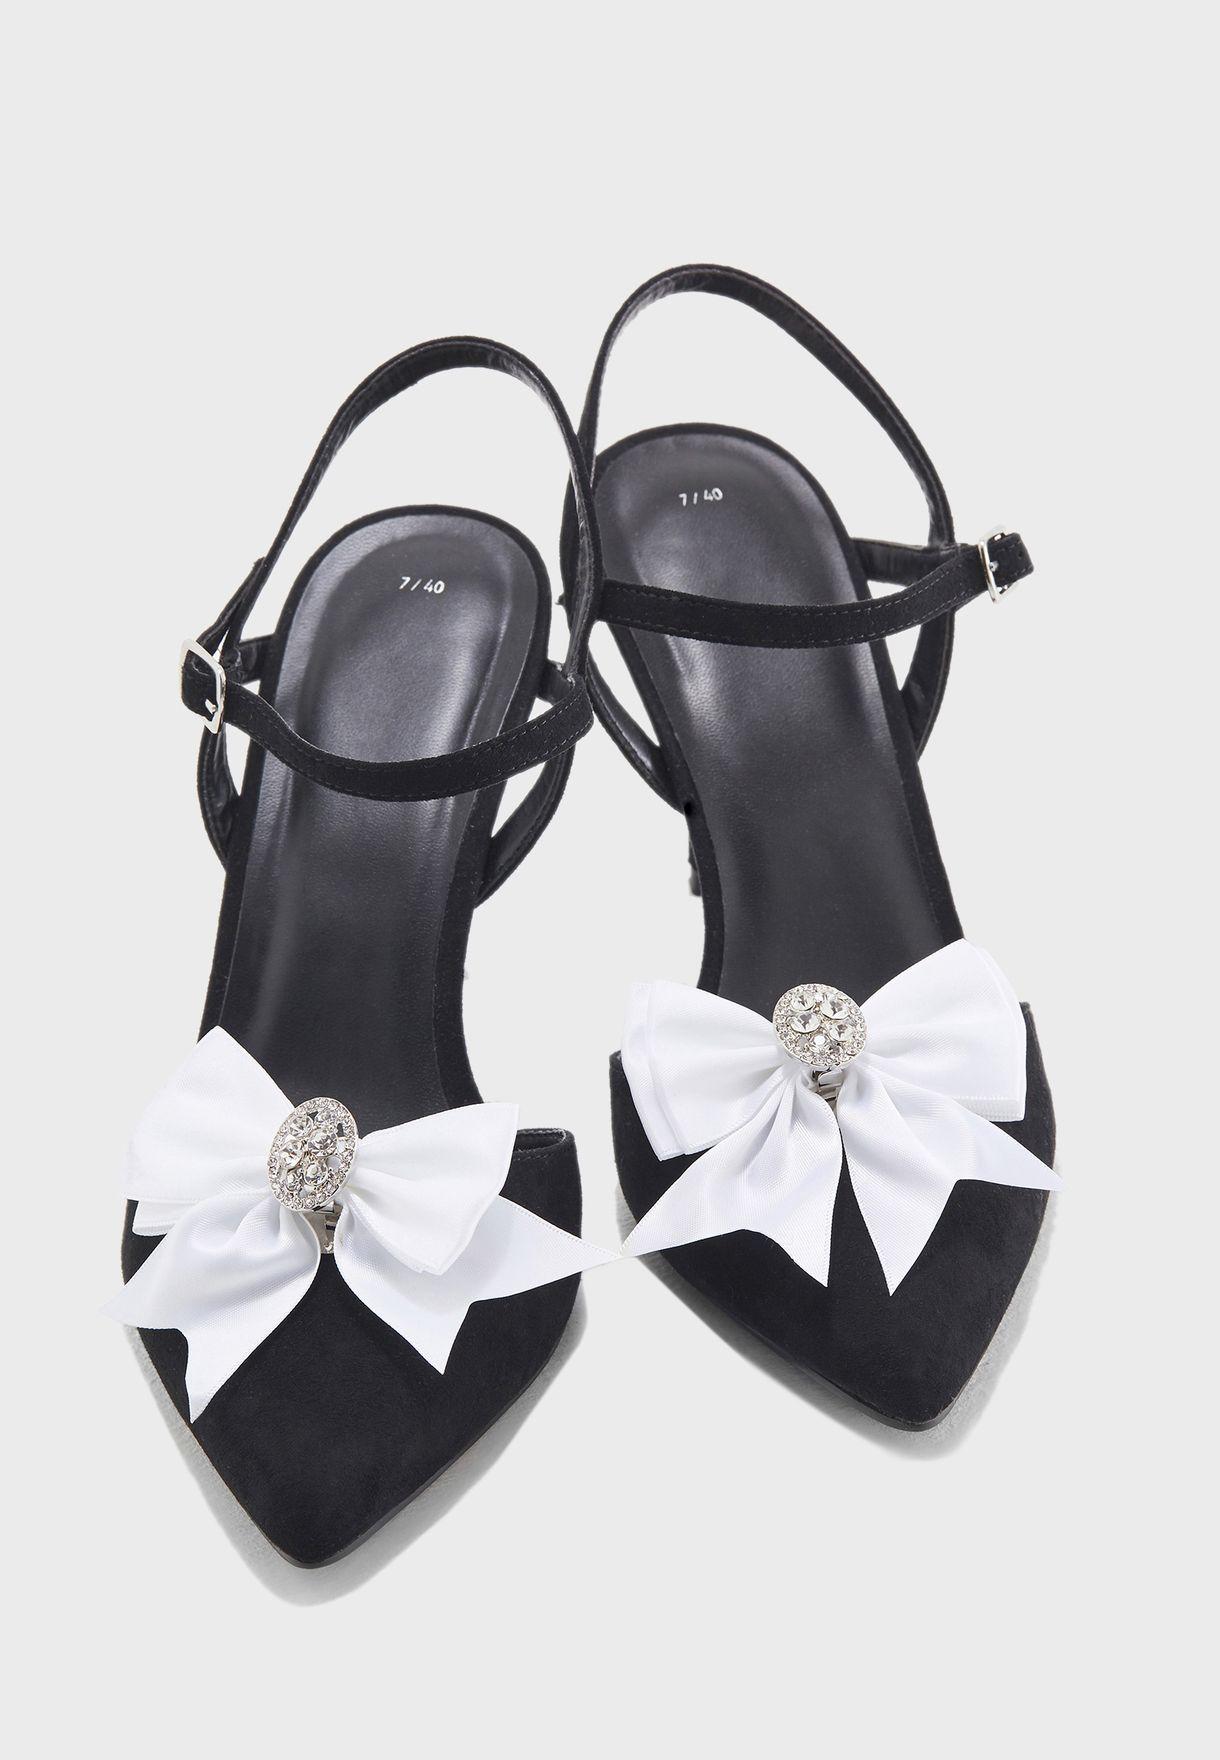 مشبك عشكل فيونكة لتزيين الحذاء